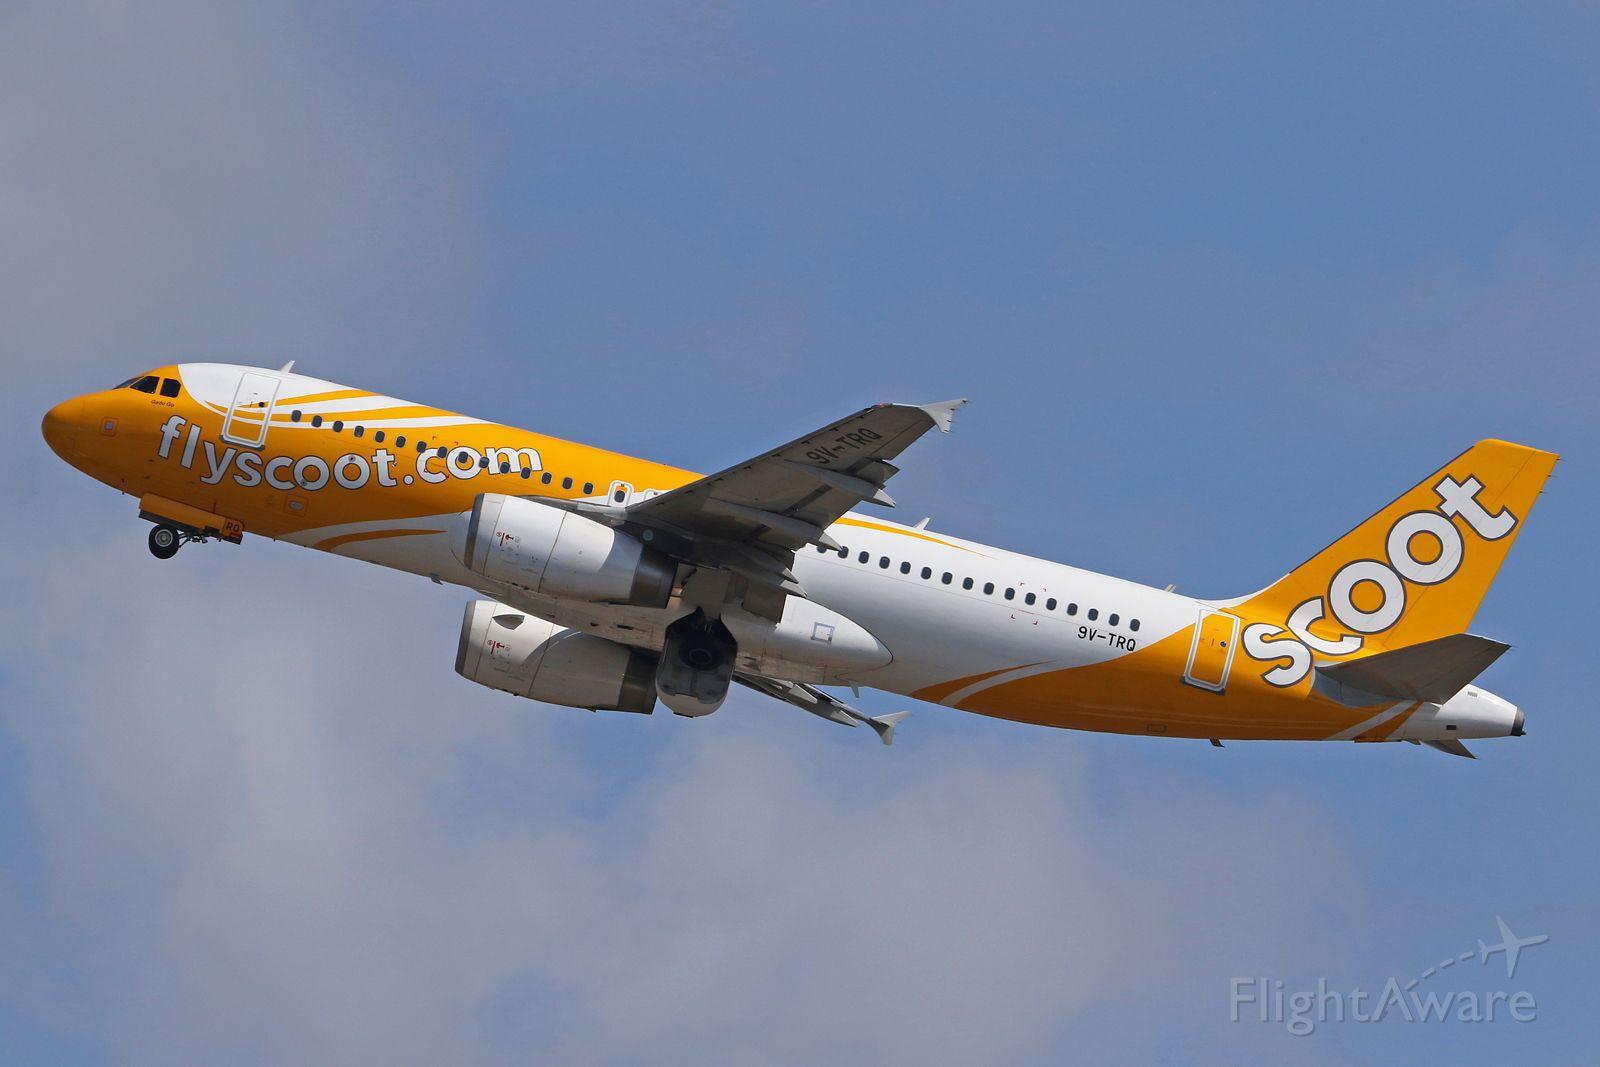 Airbus A320 (9V-TRQ)